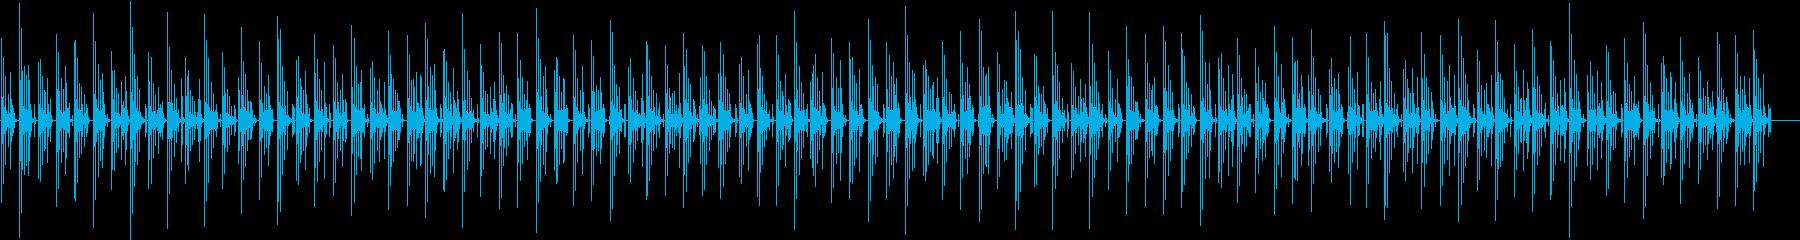 ゆったりとした雰囲気の曲の再生済みの波形